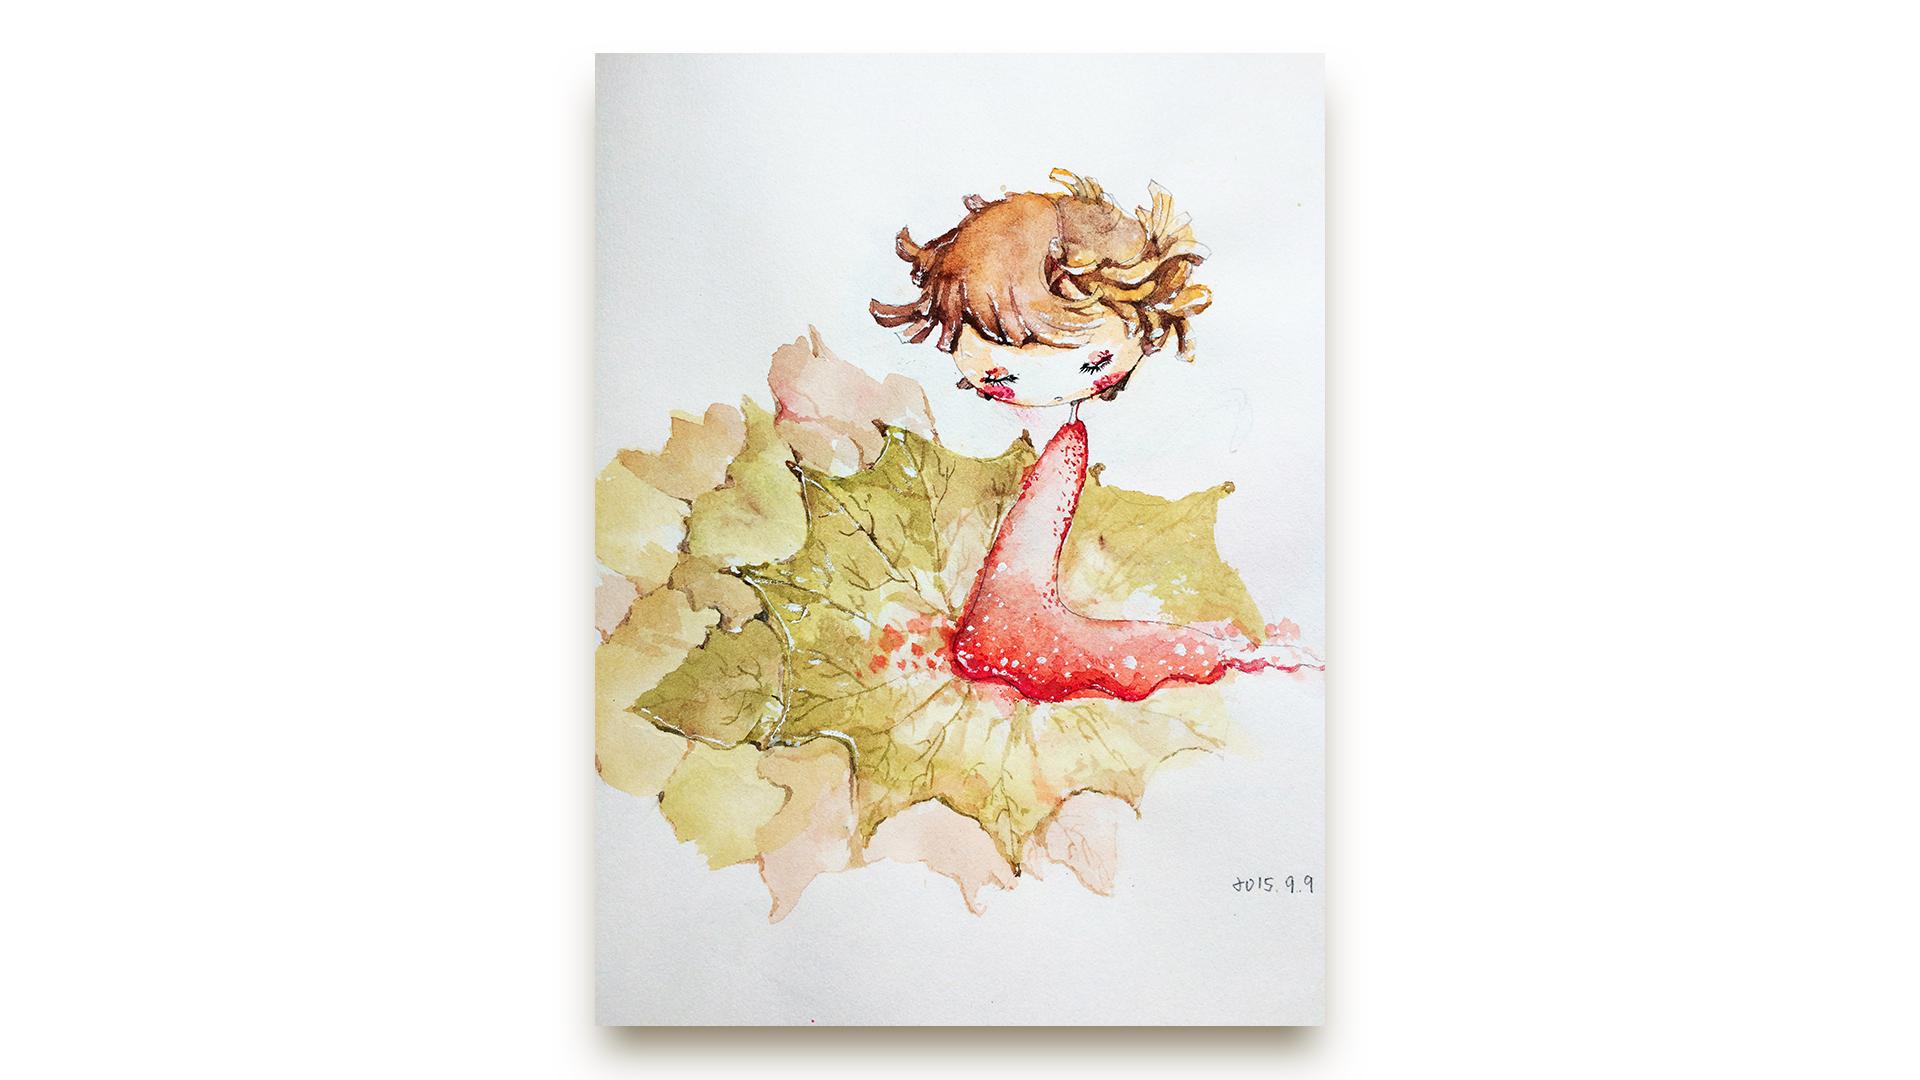 水彩手绘|插画|插画习作|烧麦先生 - 原创作品 - 站酷